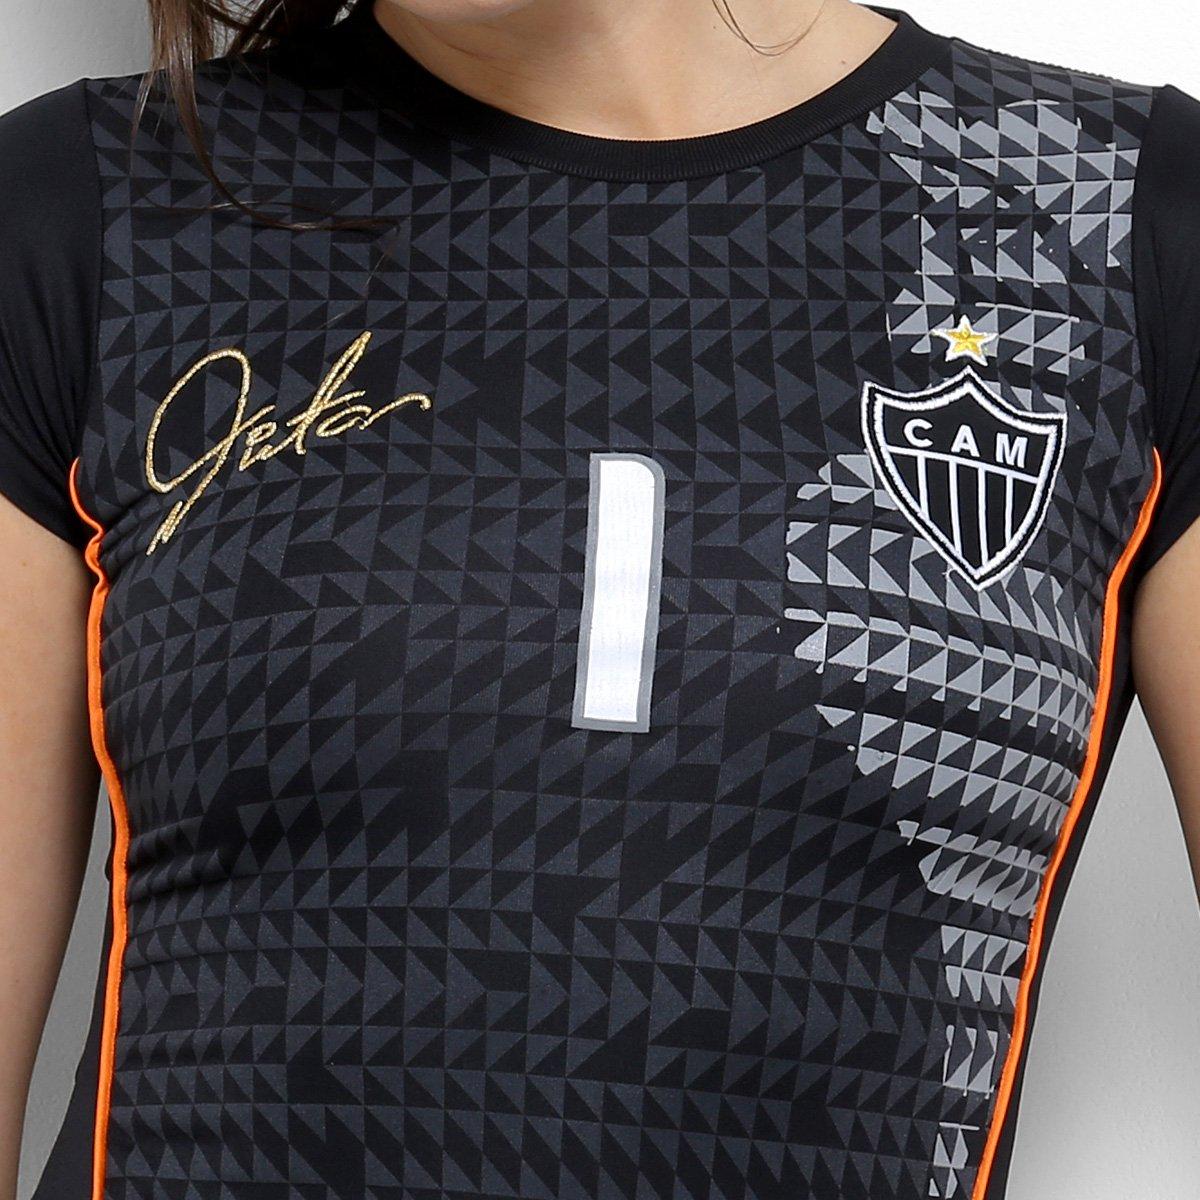 Camiseta Atlético-MG One Feminina - Preto e Laranja - Compre Agora ... fcd8bdc2f0fe4